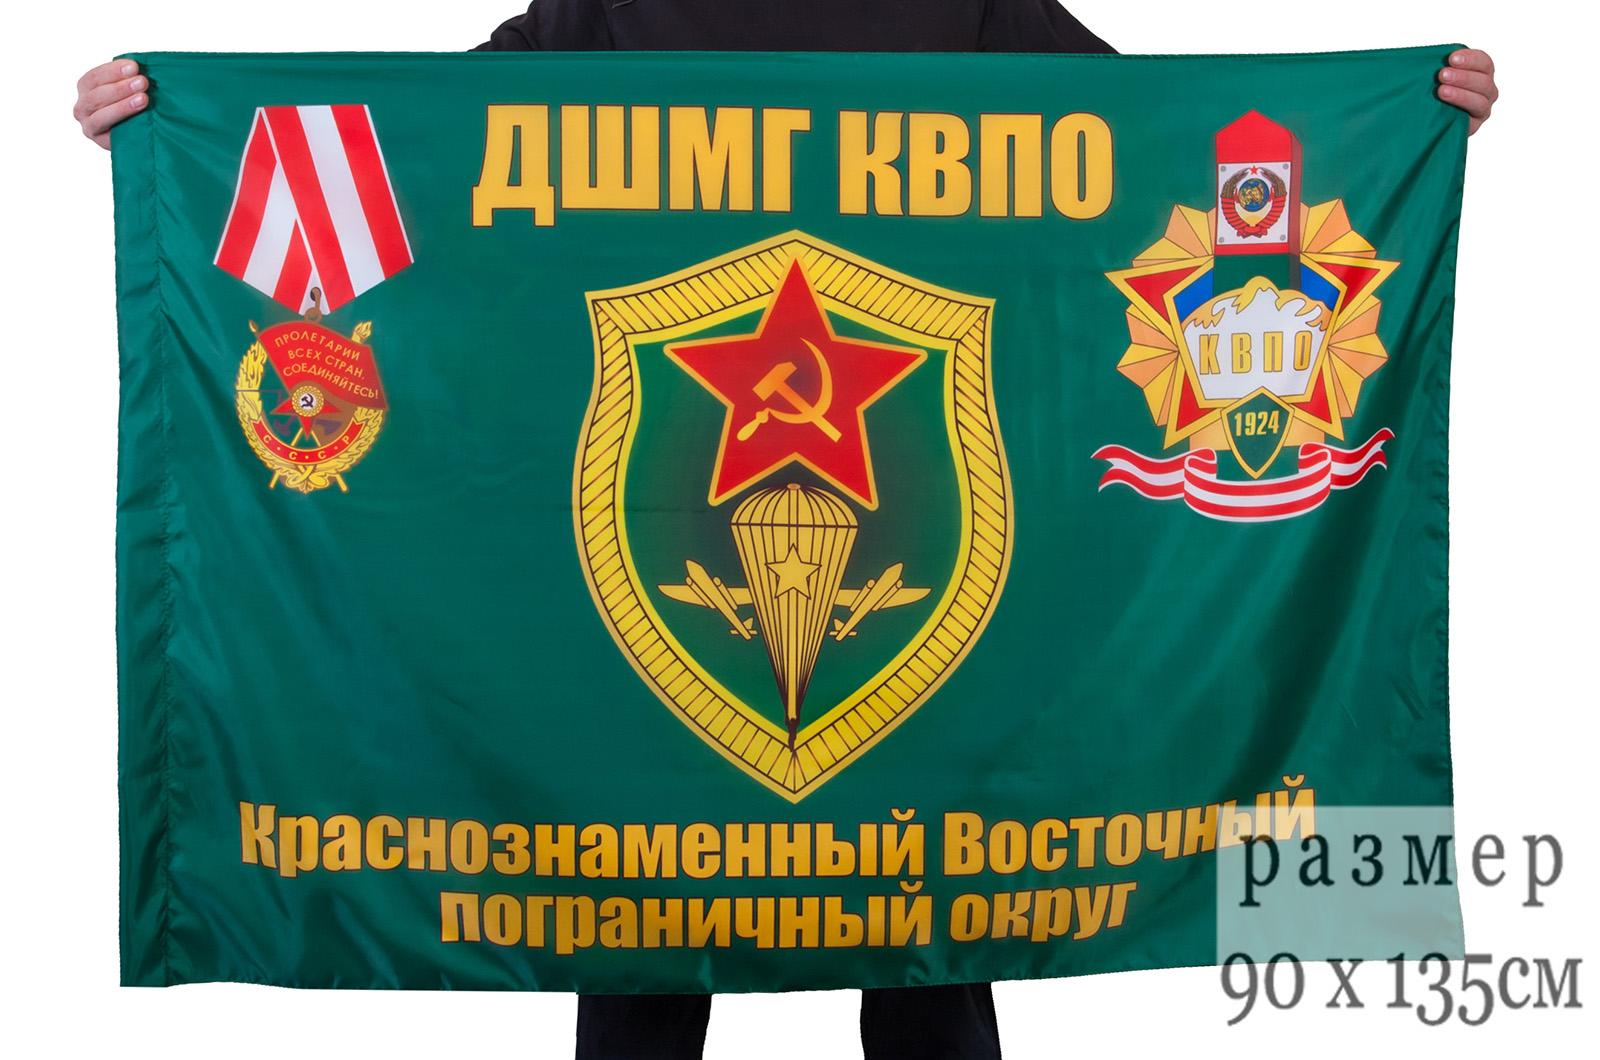 Флаг ДШМГ КВПО   Пограничные флаги по цене производителя